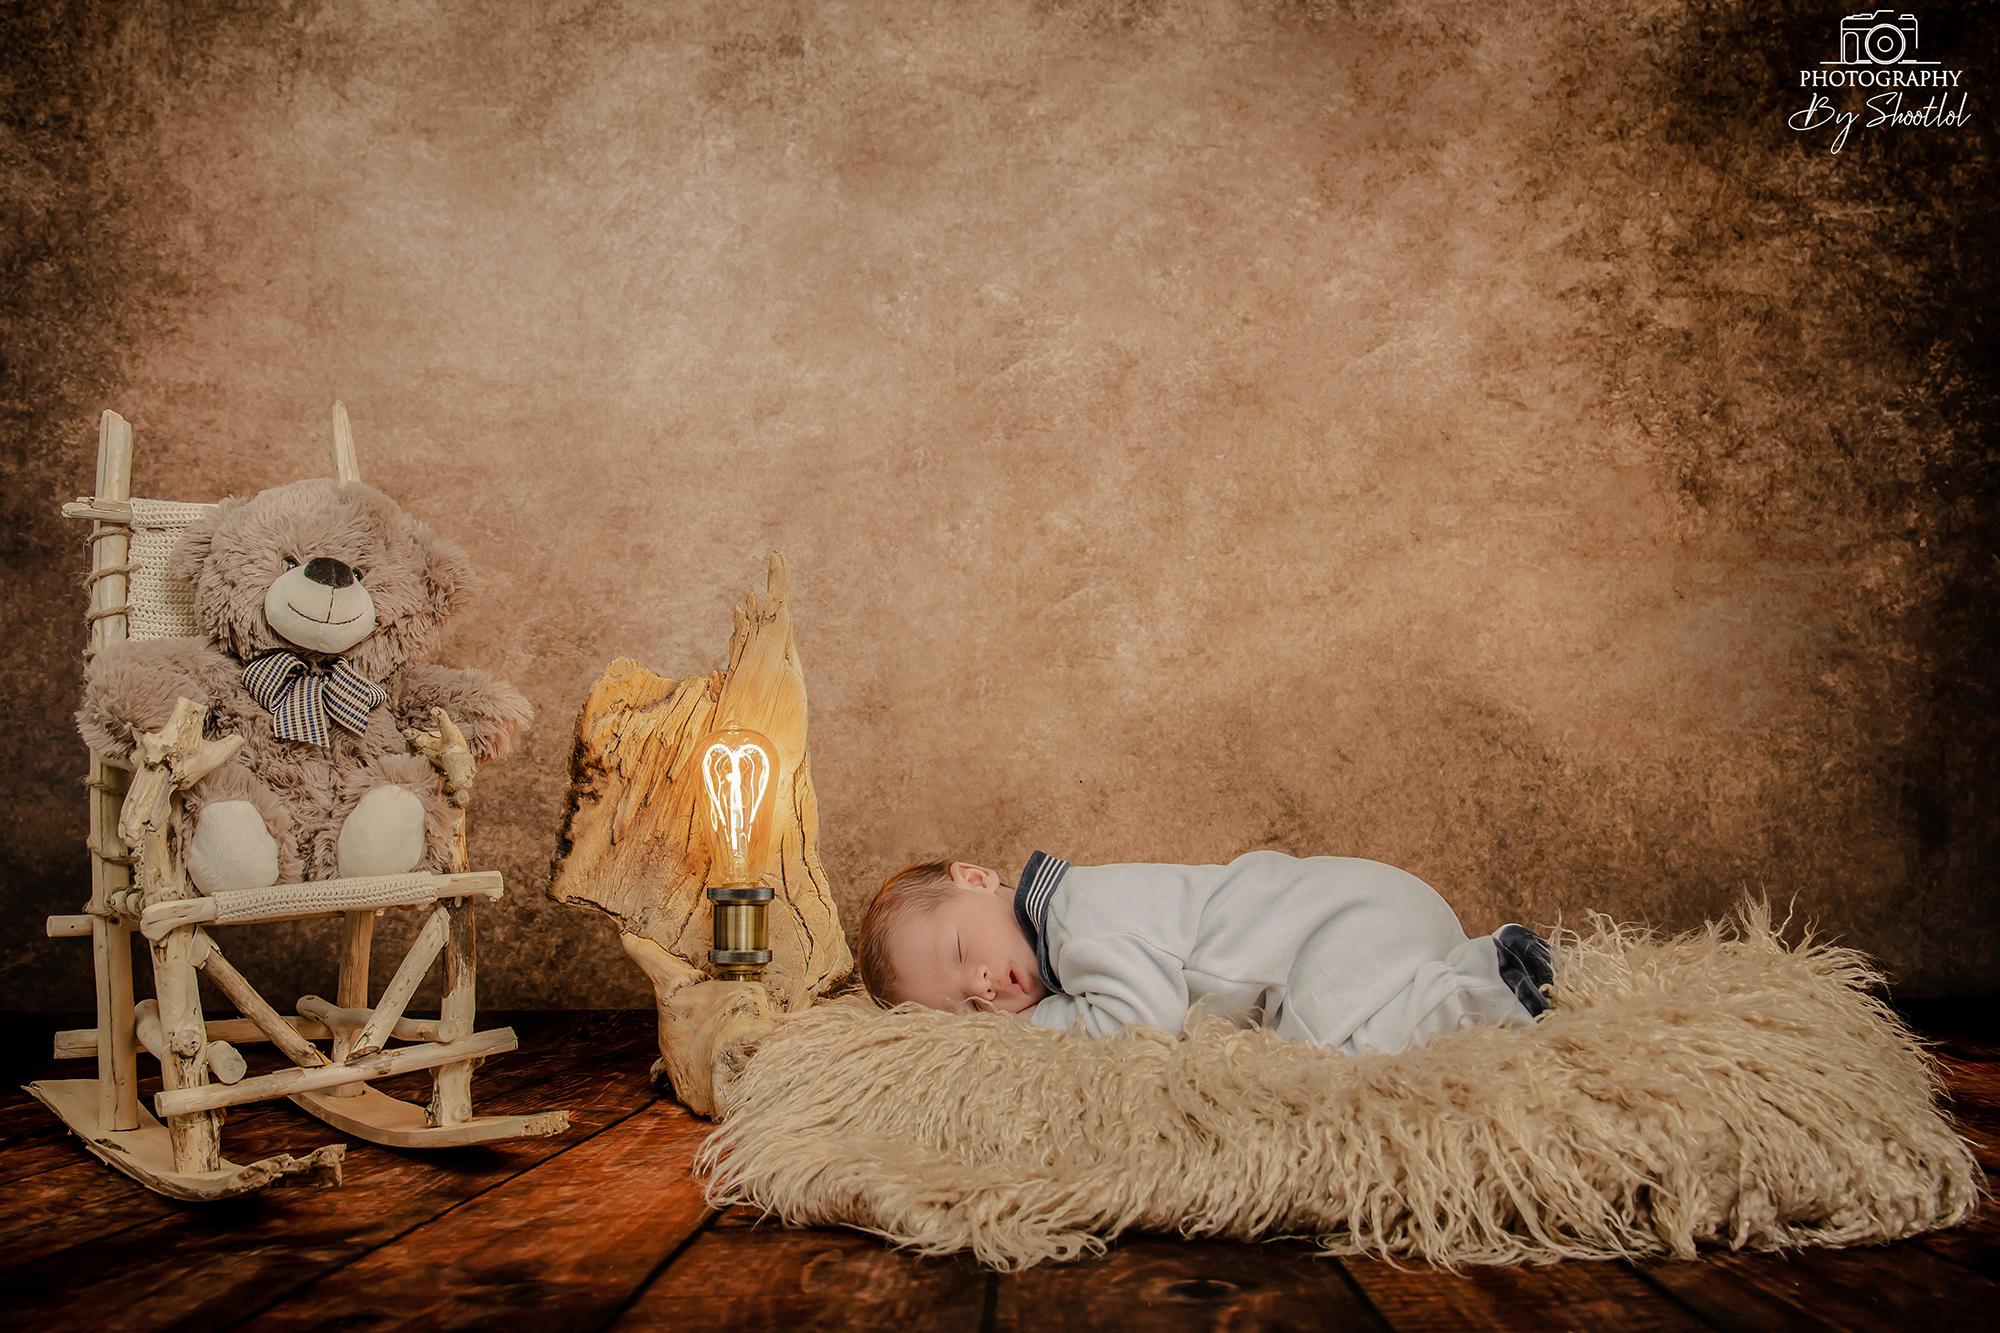 Shootlol Photographe basé dans l'Hérault ( Gigean, Poussan, Sète, Loupian, Fabrègues, Frontignan, Balaruc, Mèze, Montbazin...) Shooting naissance, shooting nouveau-né